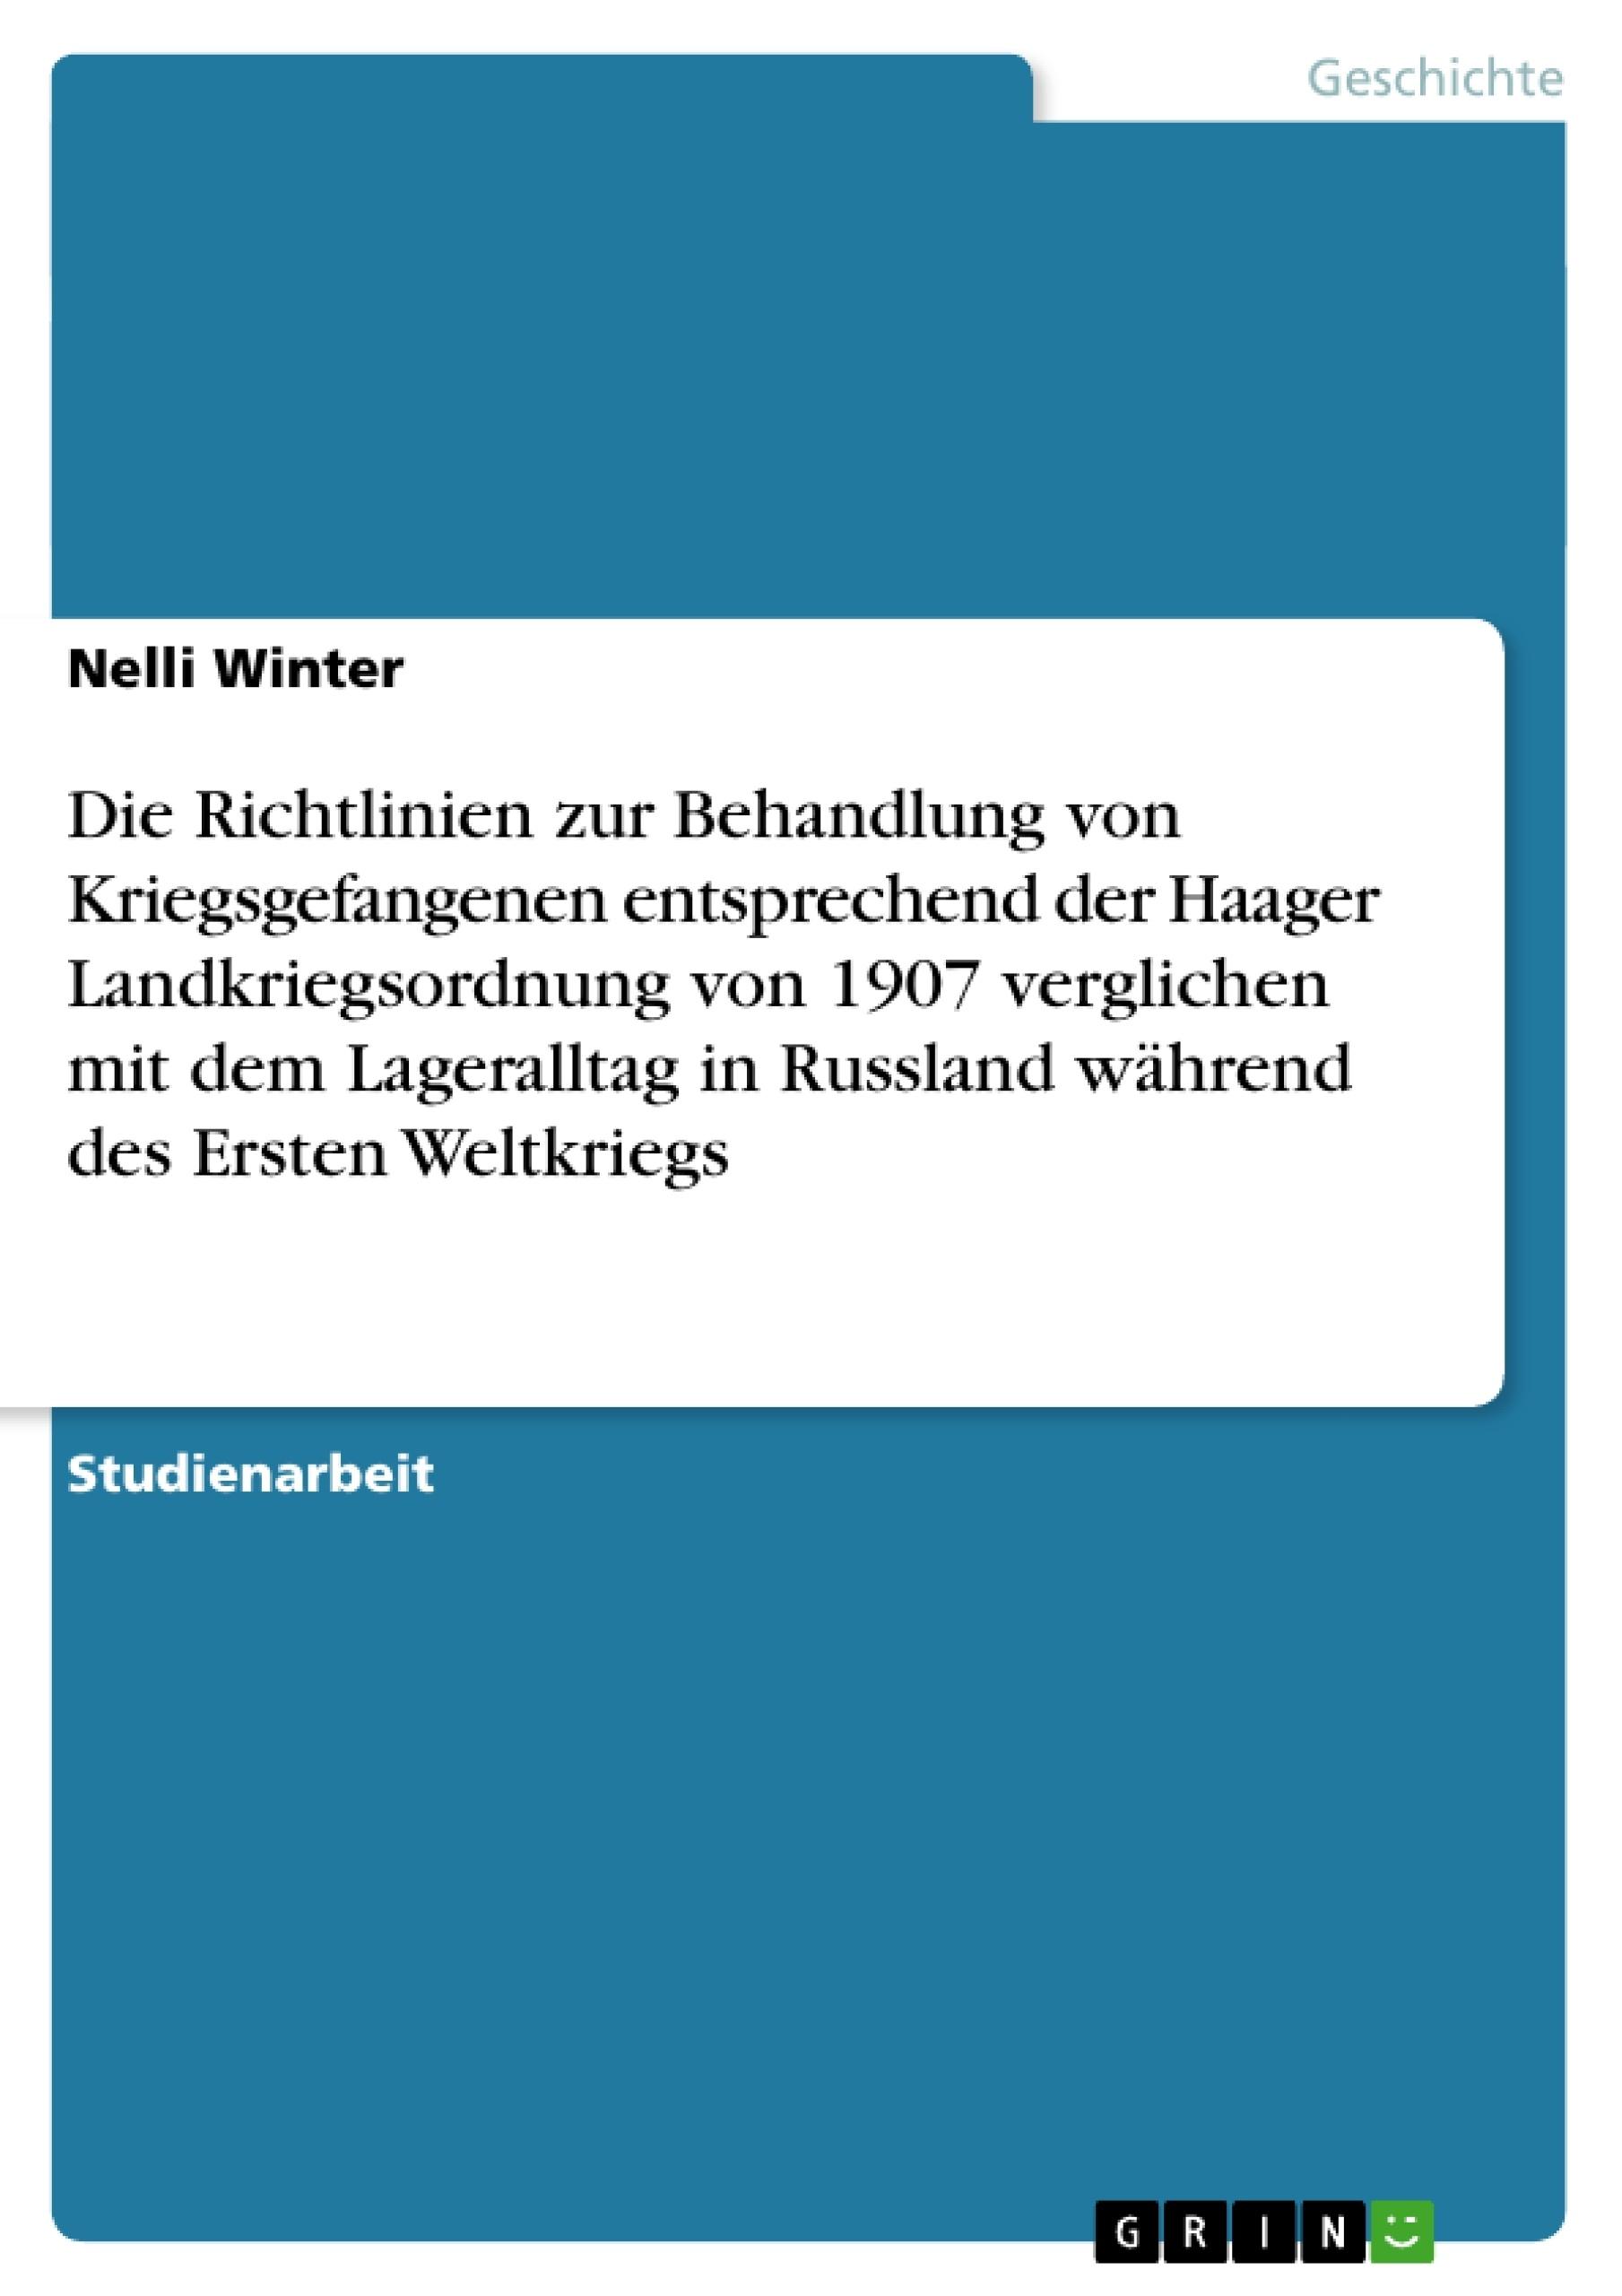 Titel: Die Richtlinien zur Behandlung von Kriegsgefangenen entsprechend der Haager Landkriegsordnung von 1907 verglichen mit dem Lageralltag in Russland während des Ersten Weltkriegs